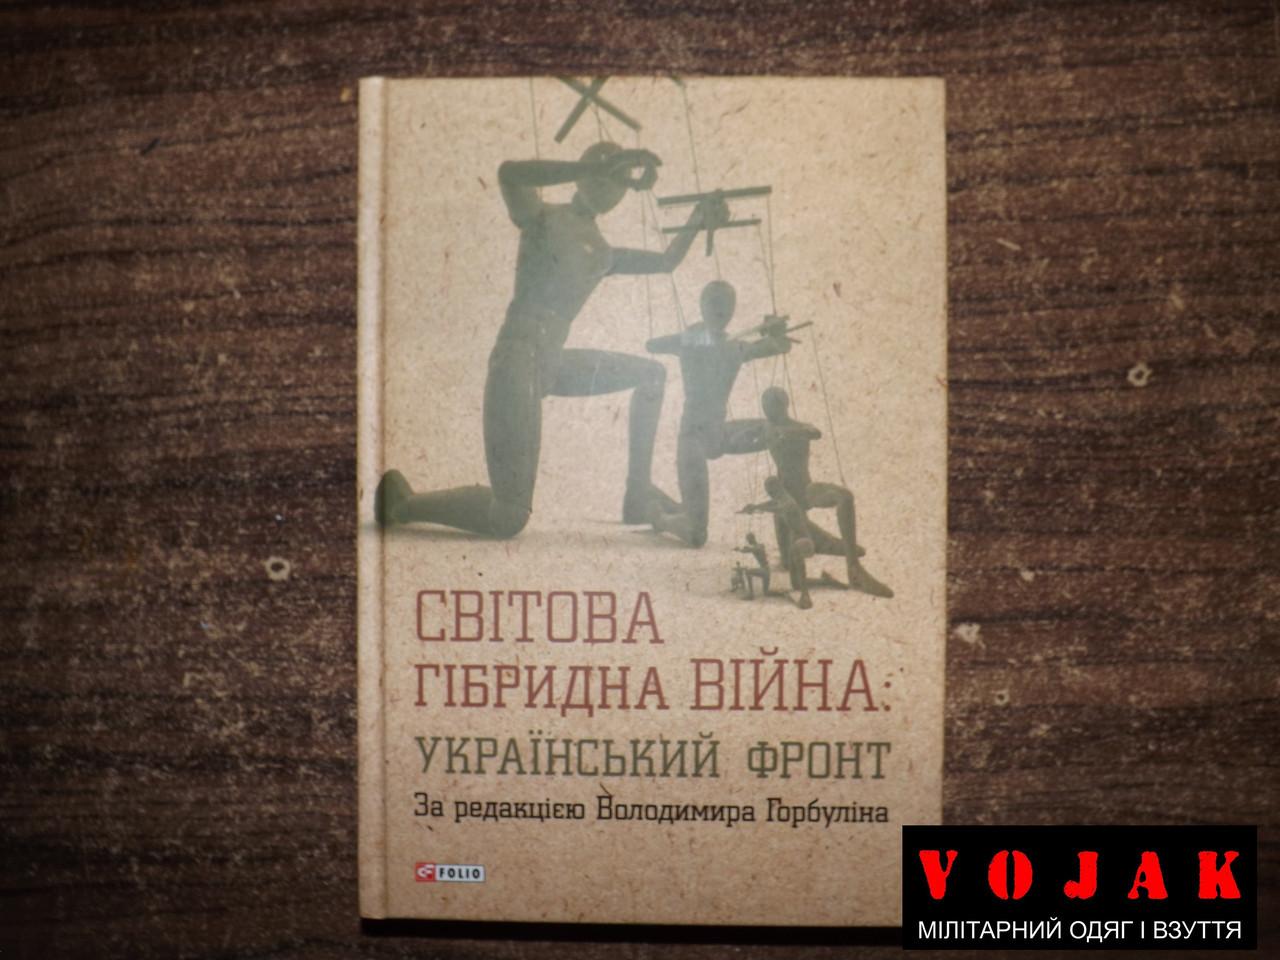 Світова гібридна війна. Український фронт.